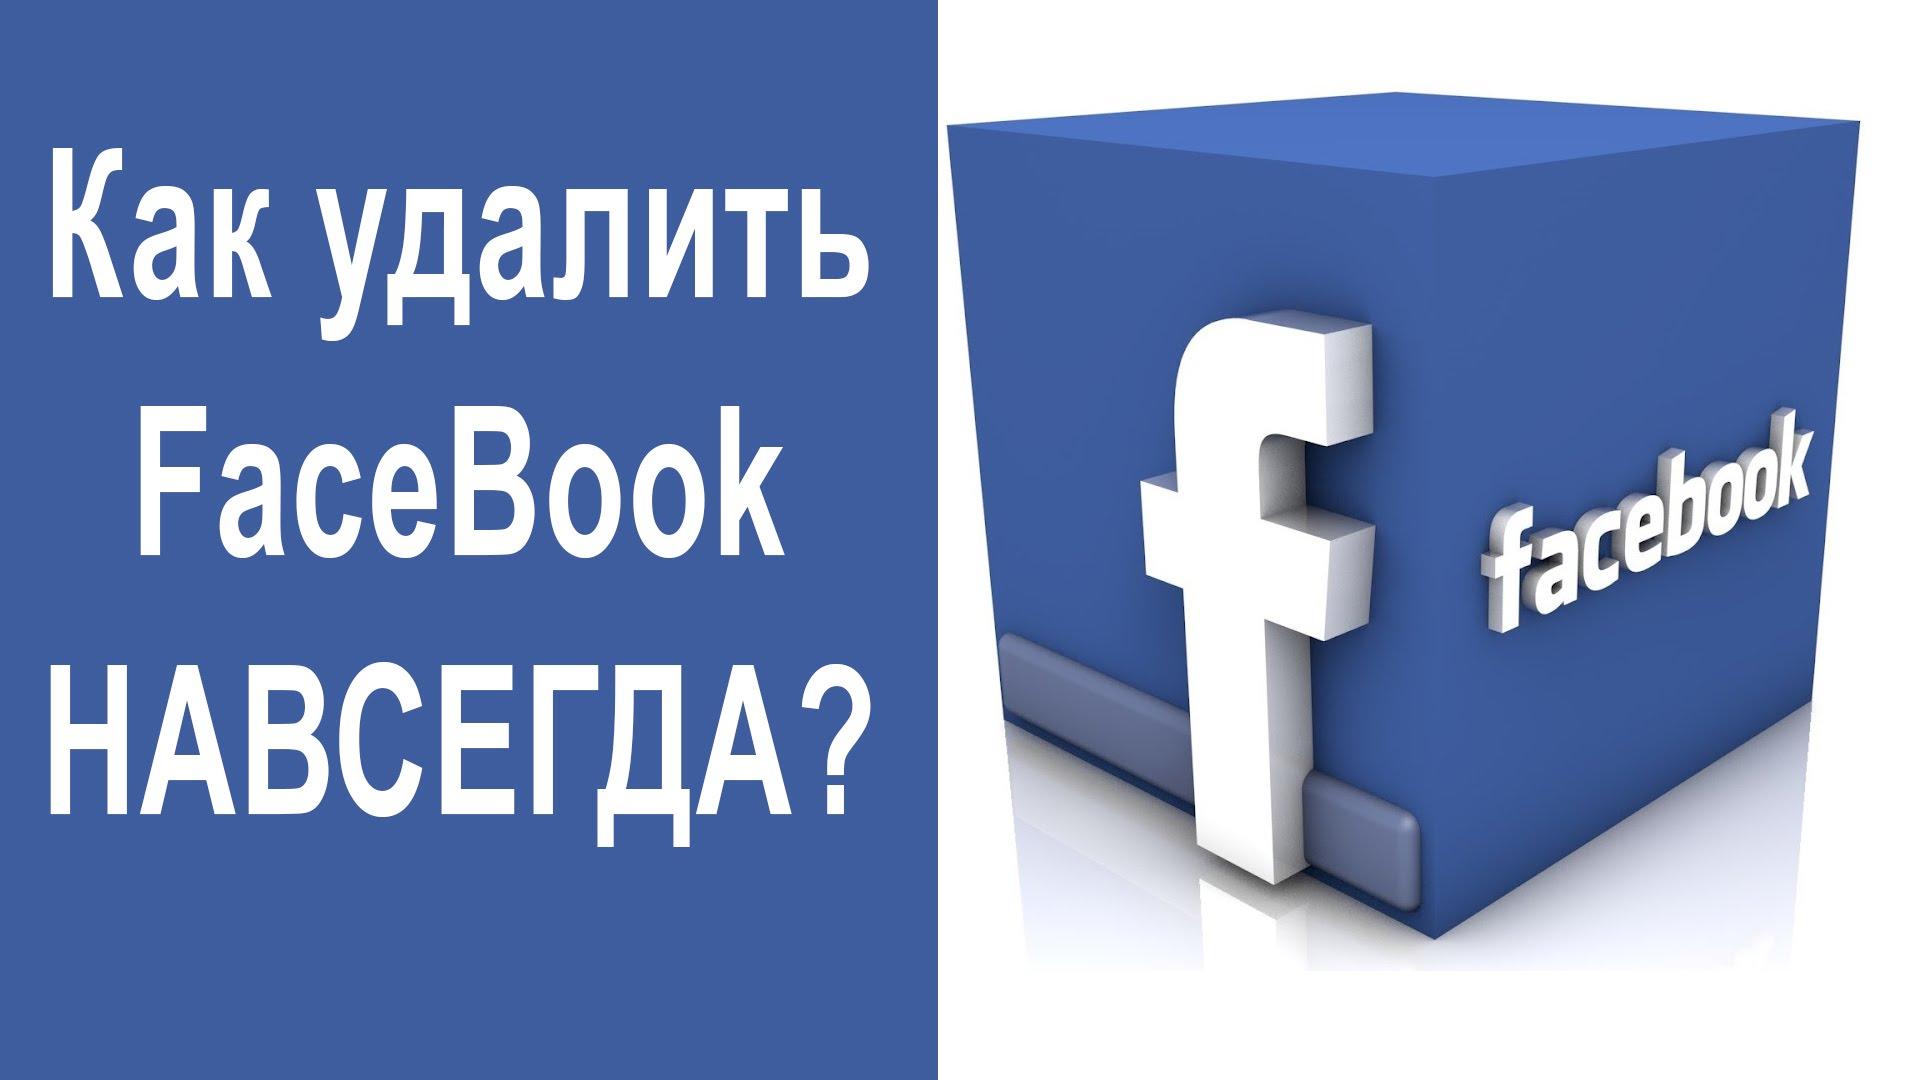 как удалить страницу в фейсбук навсегда